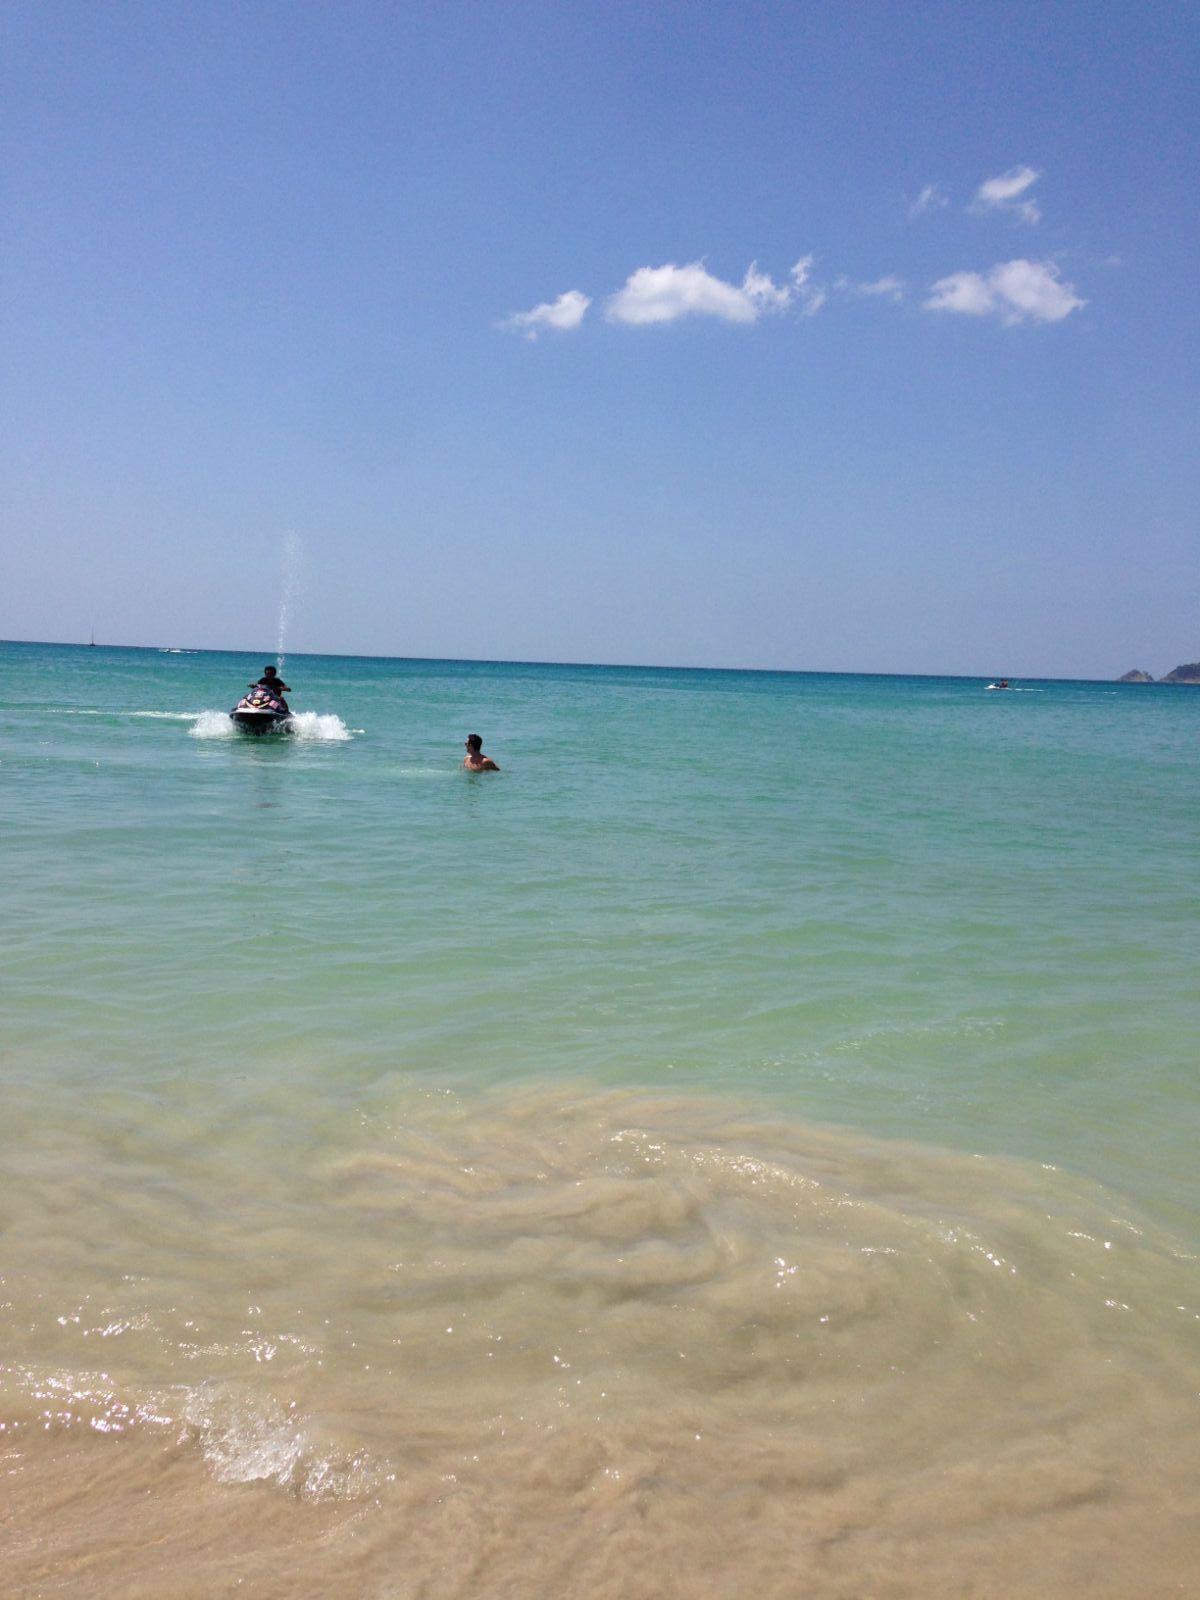 芭东海鲜餐厅     下午烈日当空,换了身沙滩装,跑向了海边,一眼望去